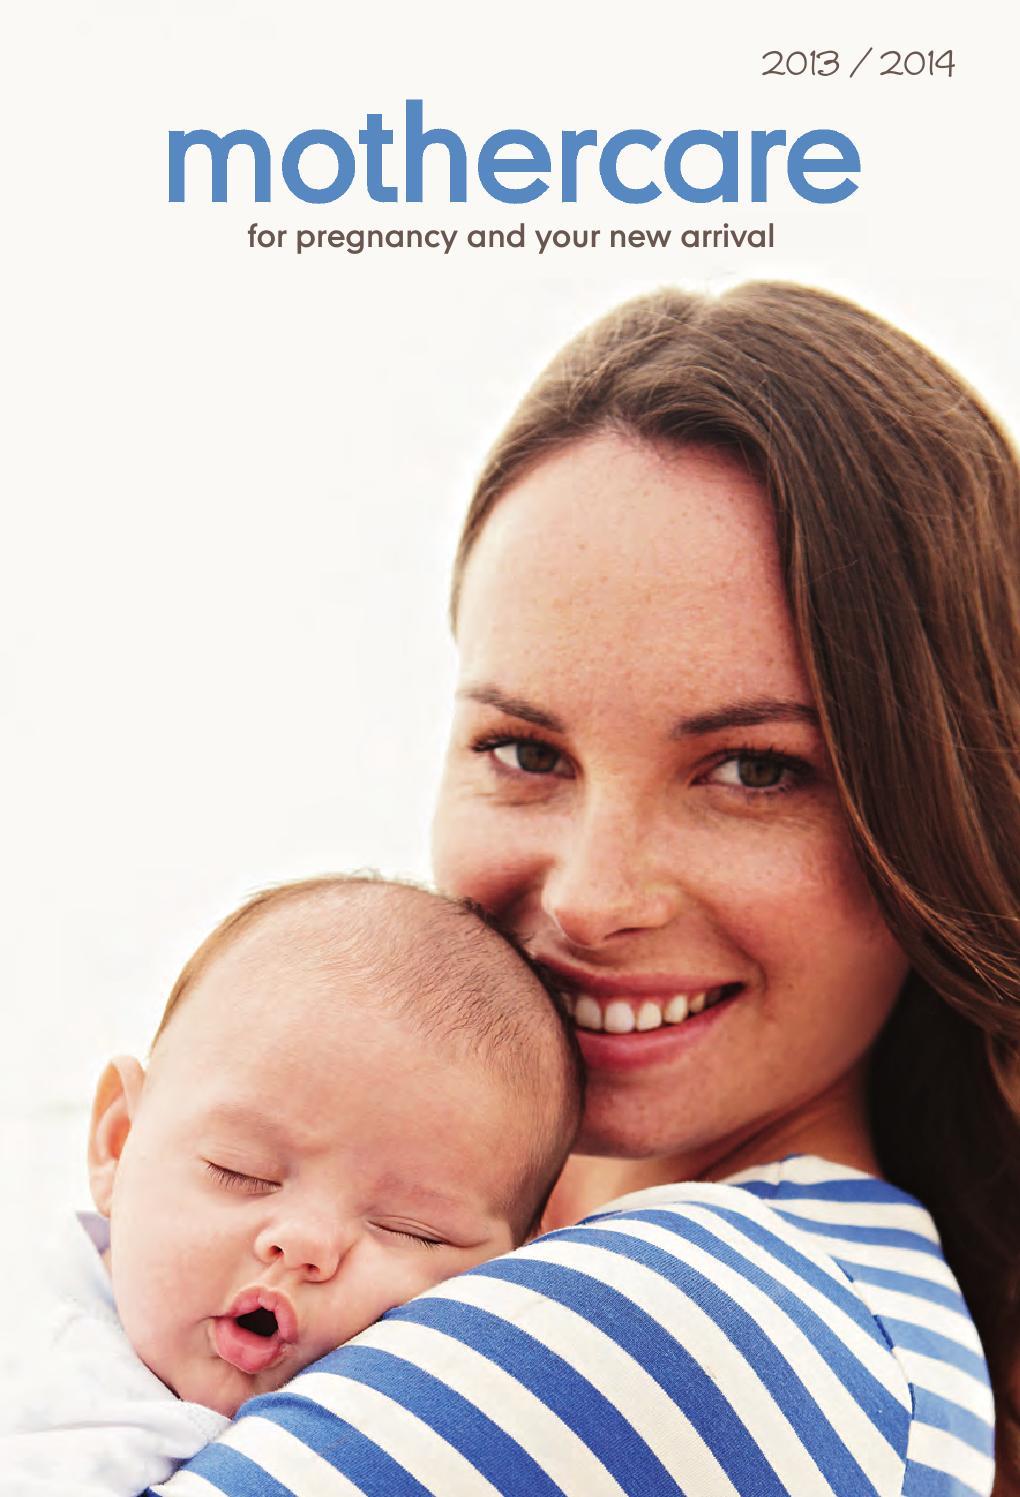 NEW Mothercare baby girl black w white spots leggings size 0000 Newborn 4.5kg